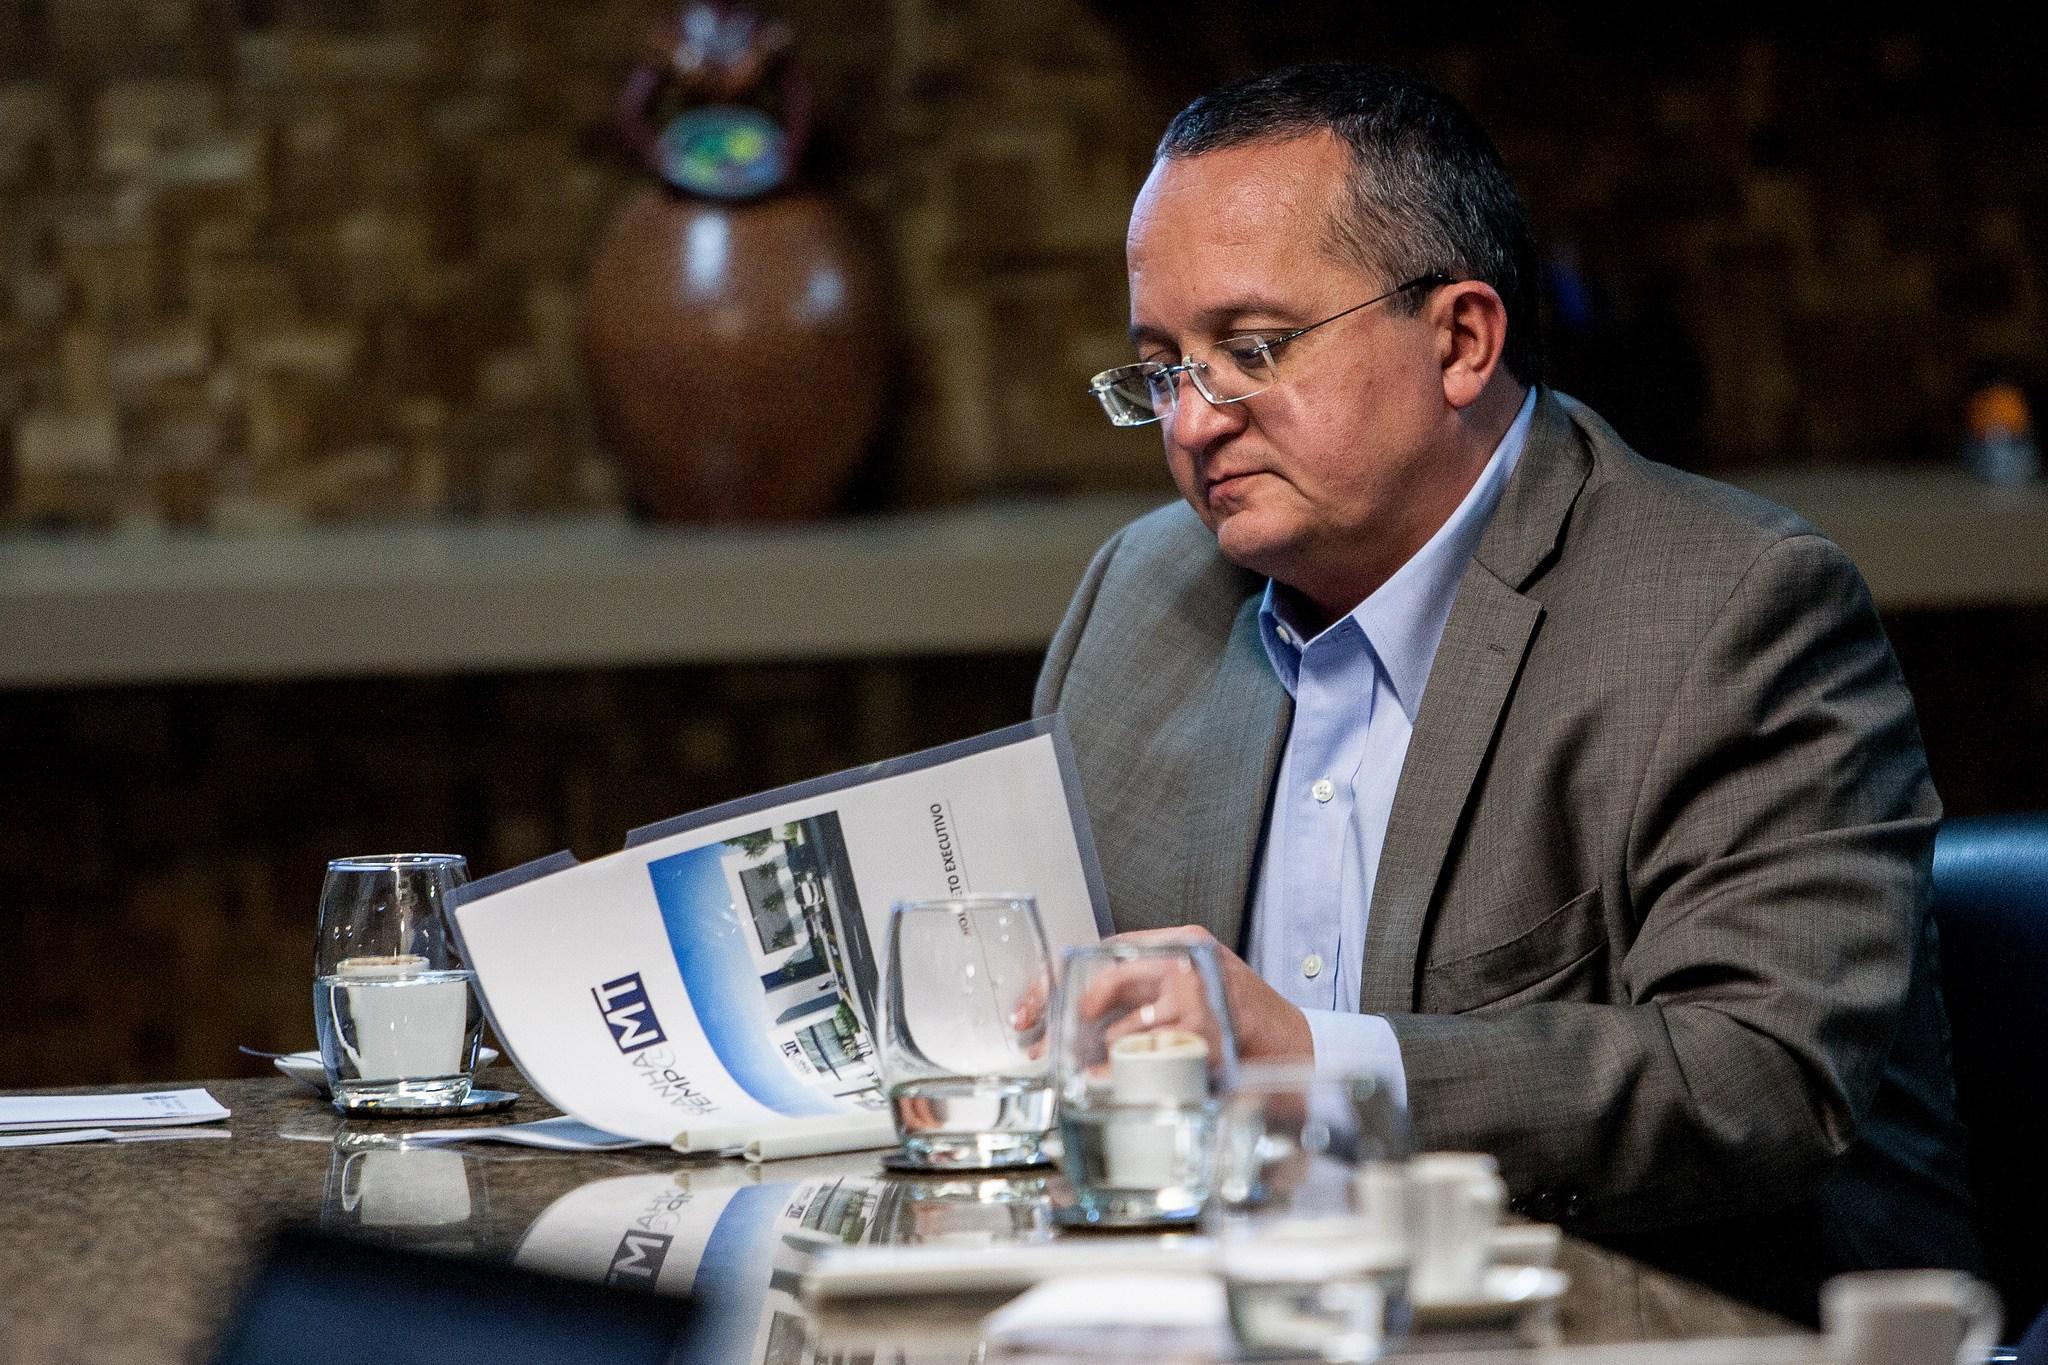 Governo confirma retirada da LOA para análise de Mauro Mendes